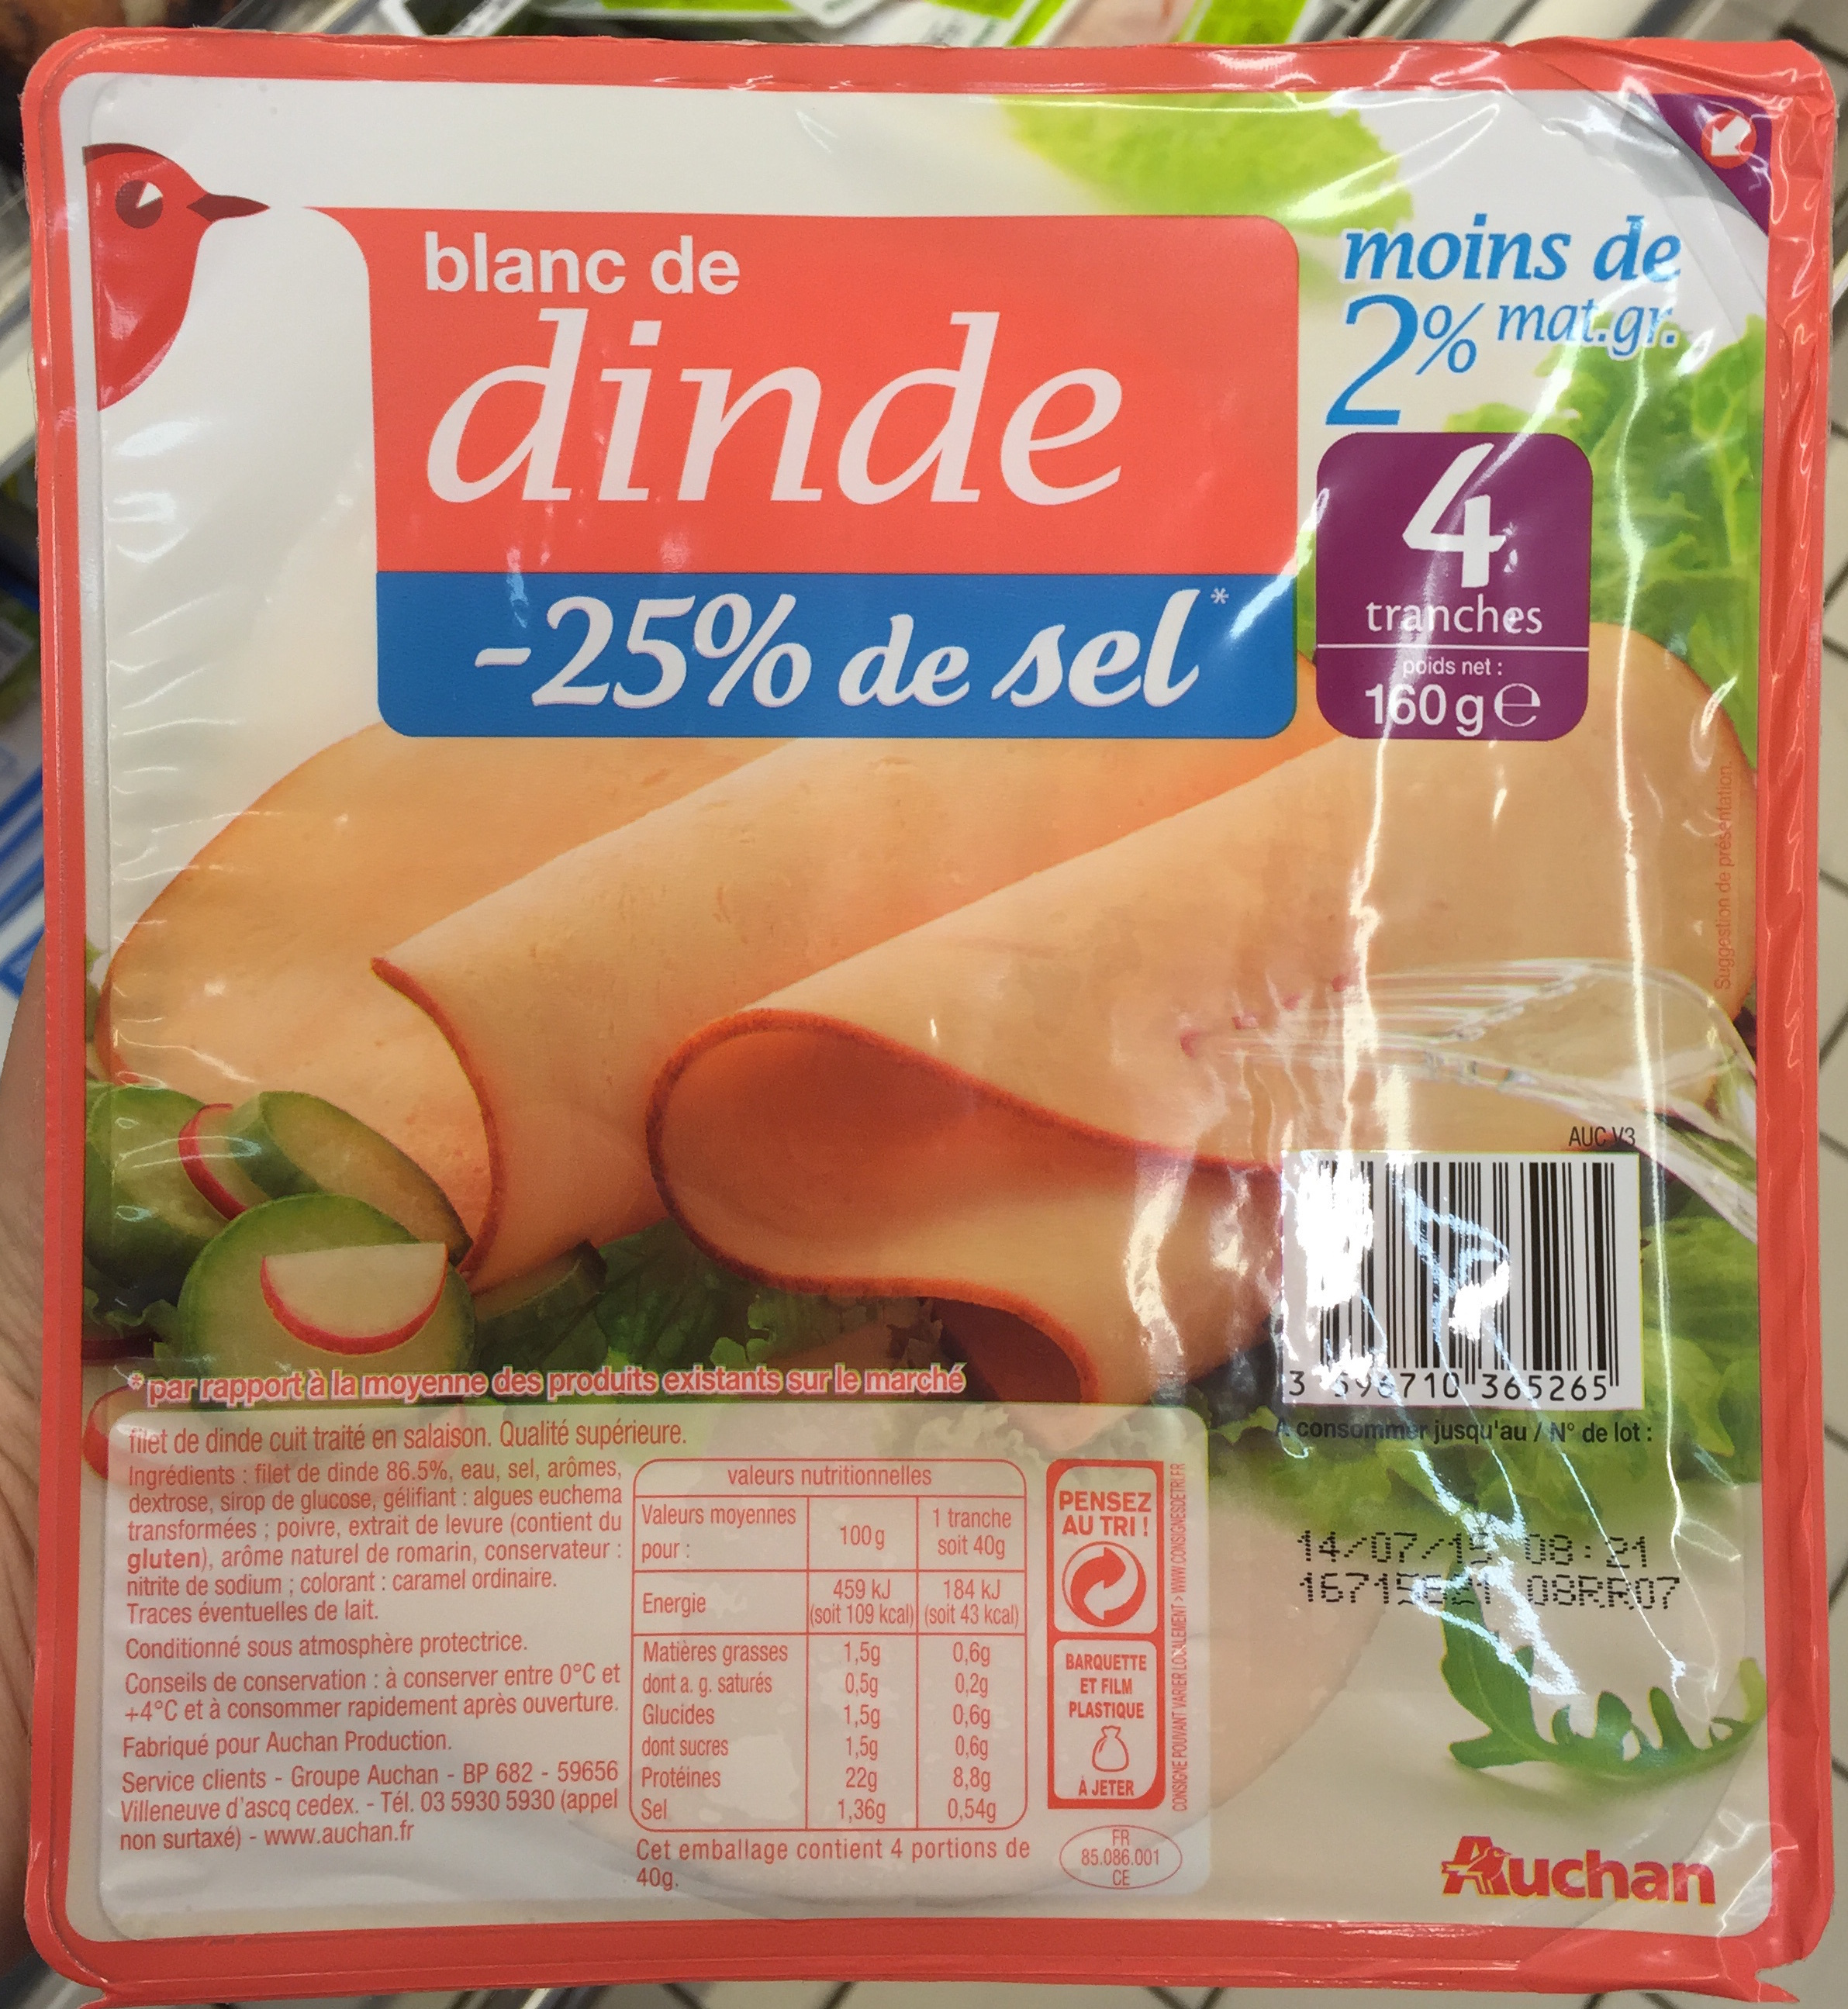 Blanc de dinde 25 de sel auchan 160 g - Cuisiner blanc de dinde ...